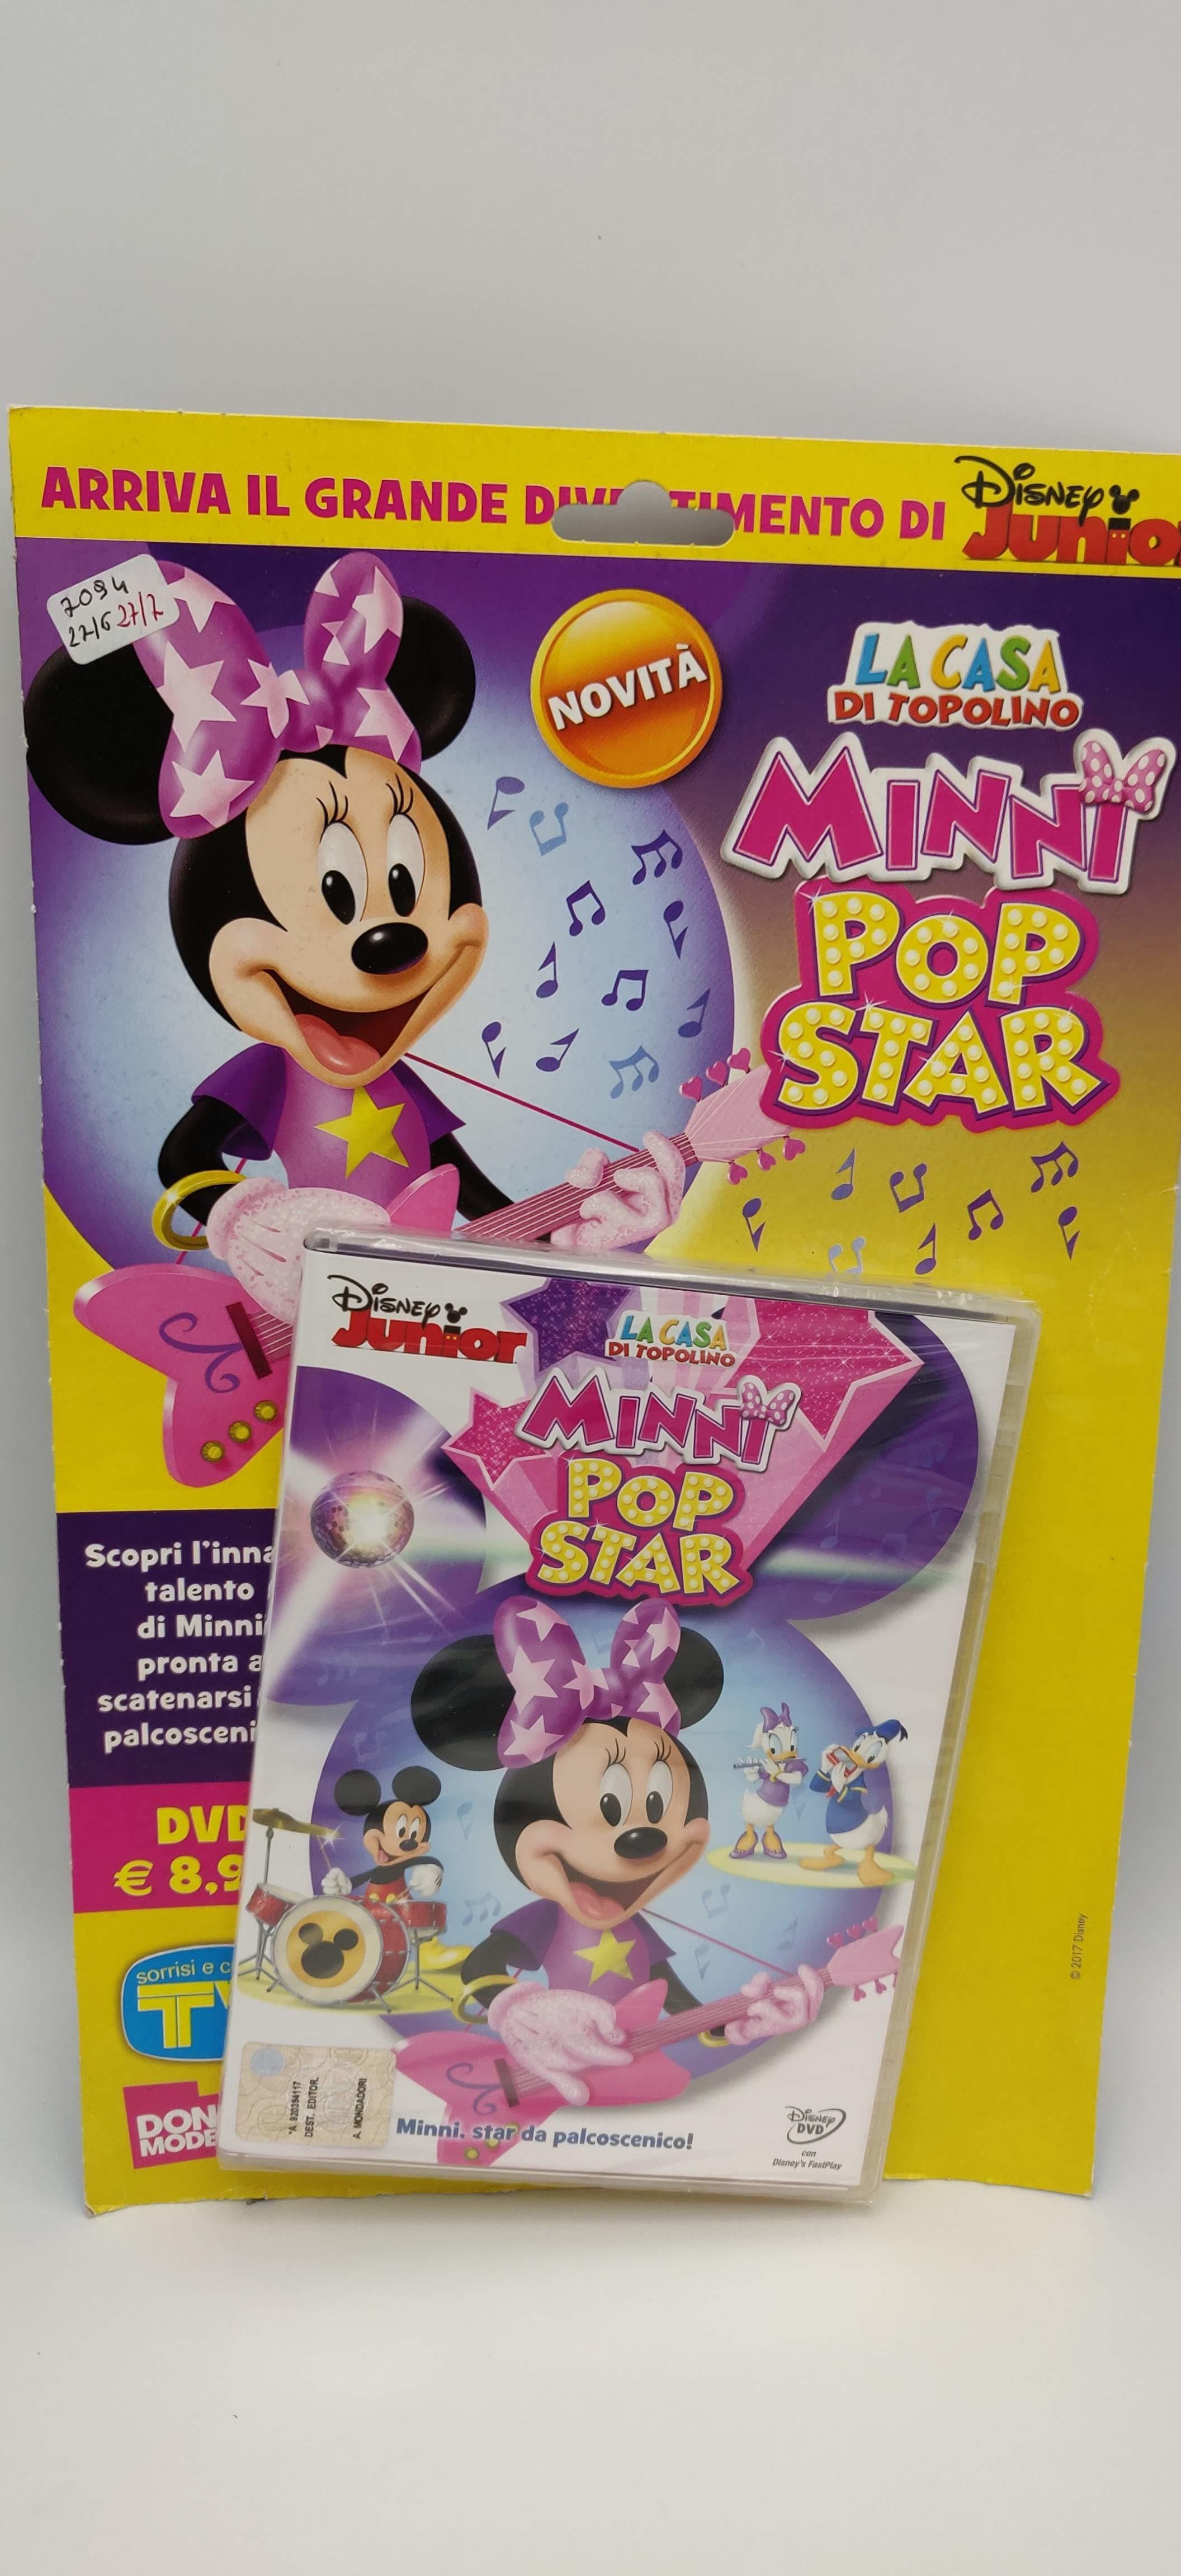 Minni popstar la casa di topolino cartone animato dvd disney